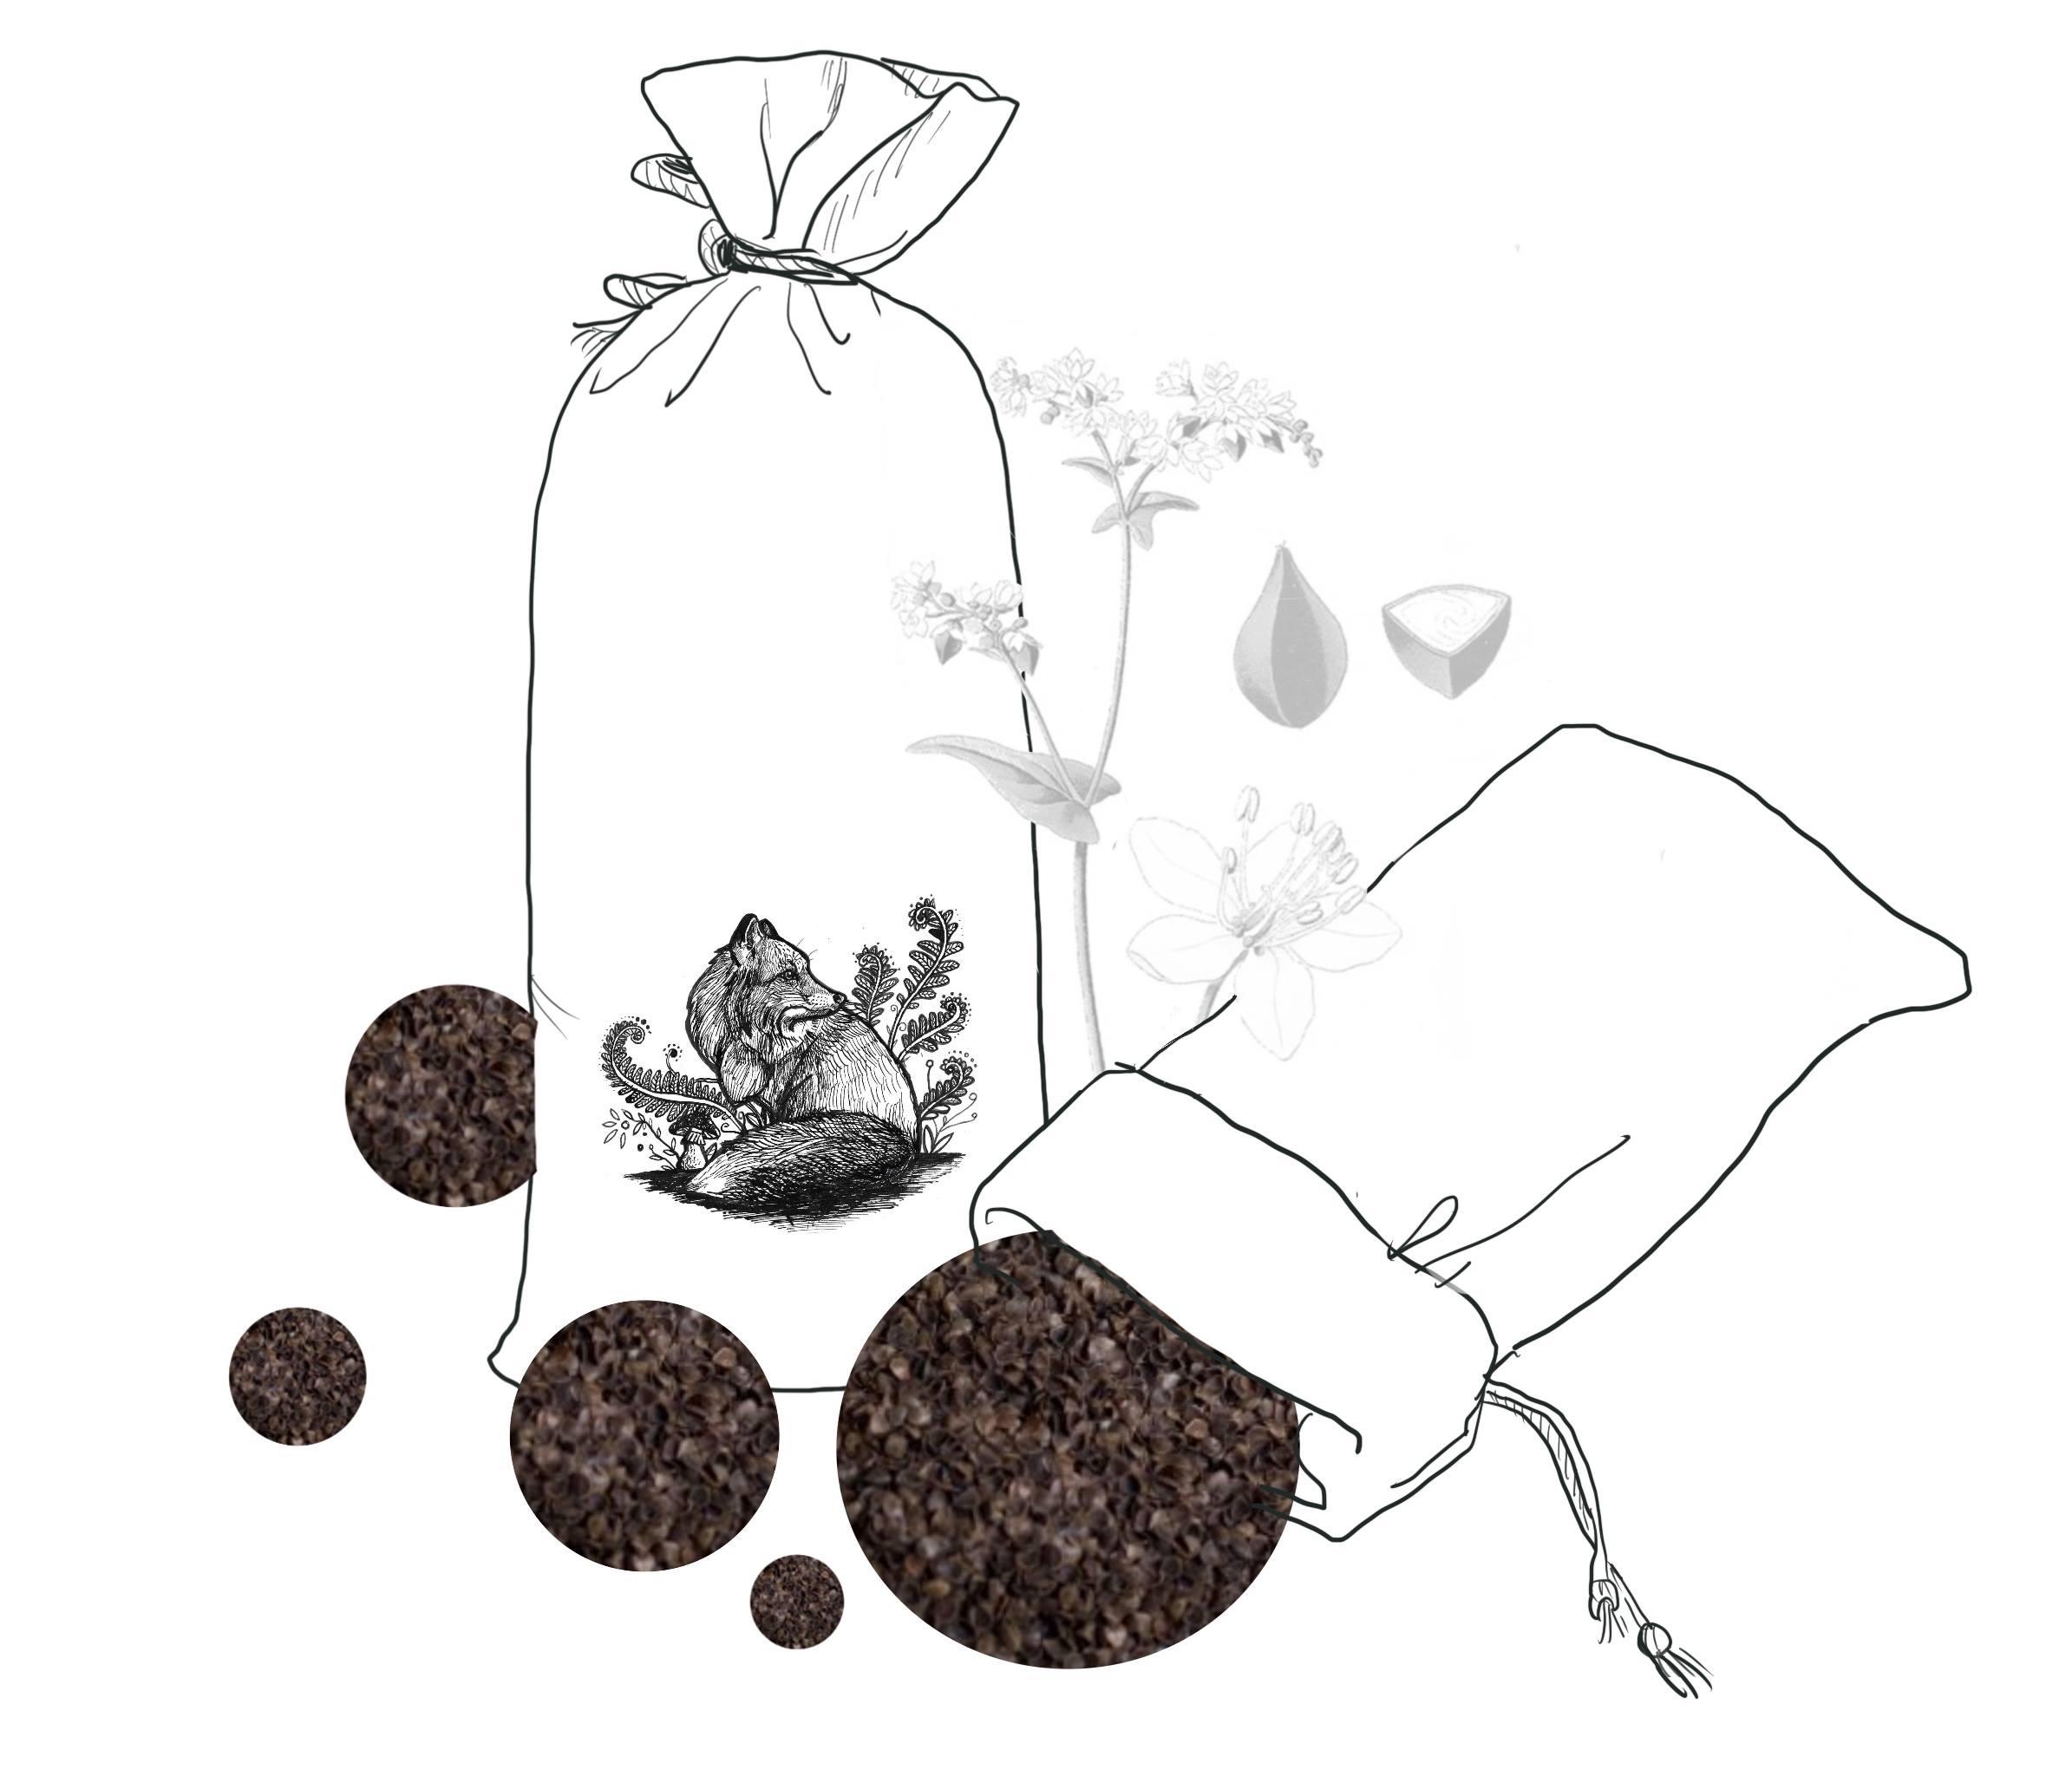 Pohanková slupka jako udržitelná výplň do meditačního polštáře